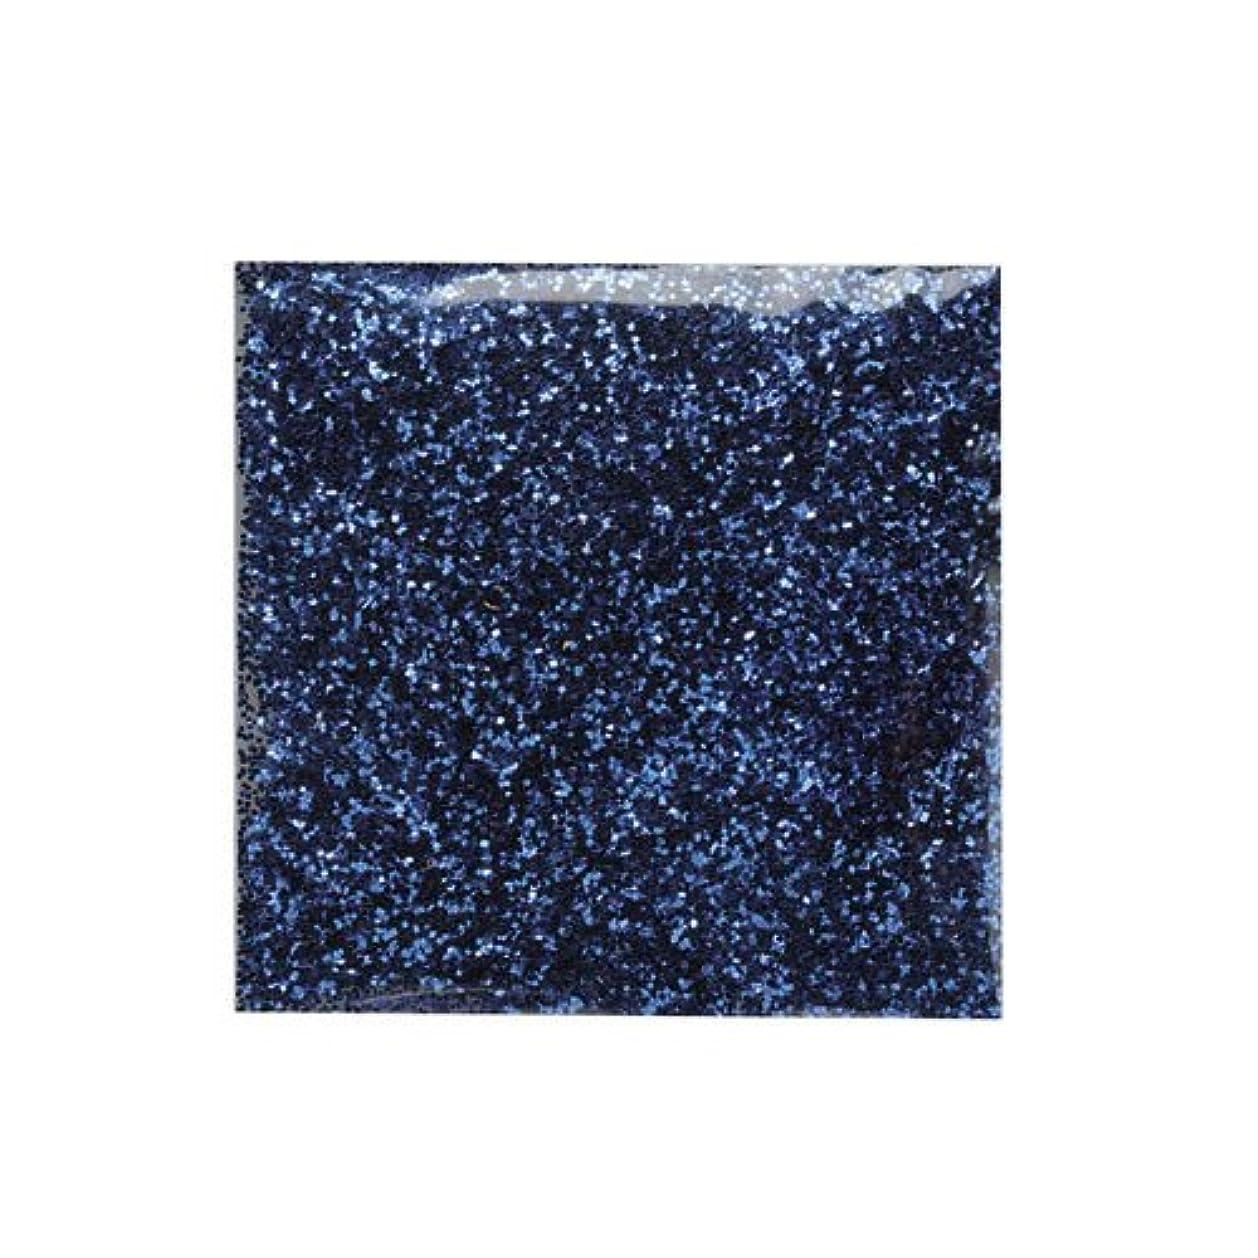 抽象もっと少なくオーストラリアピカエース ネイル用パウダー ピカエース ラメメタリック M #536 ブルー 2g アート材